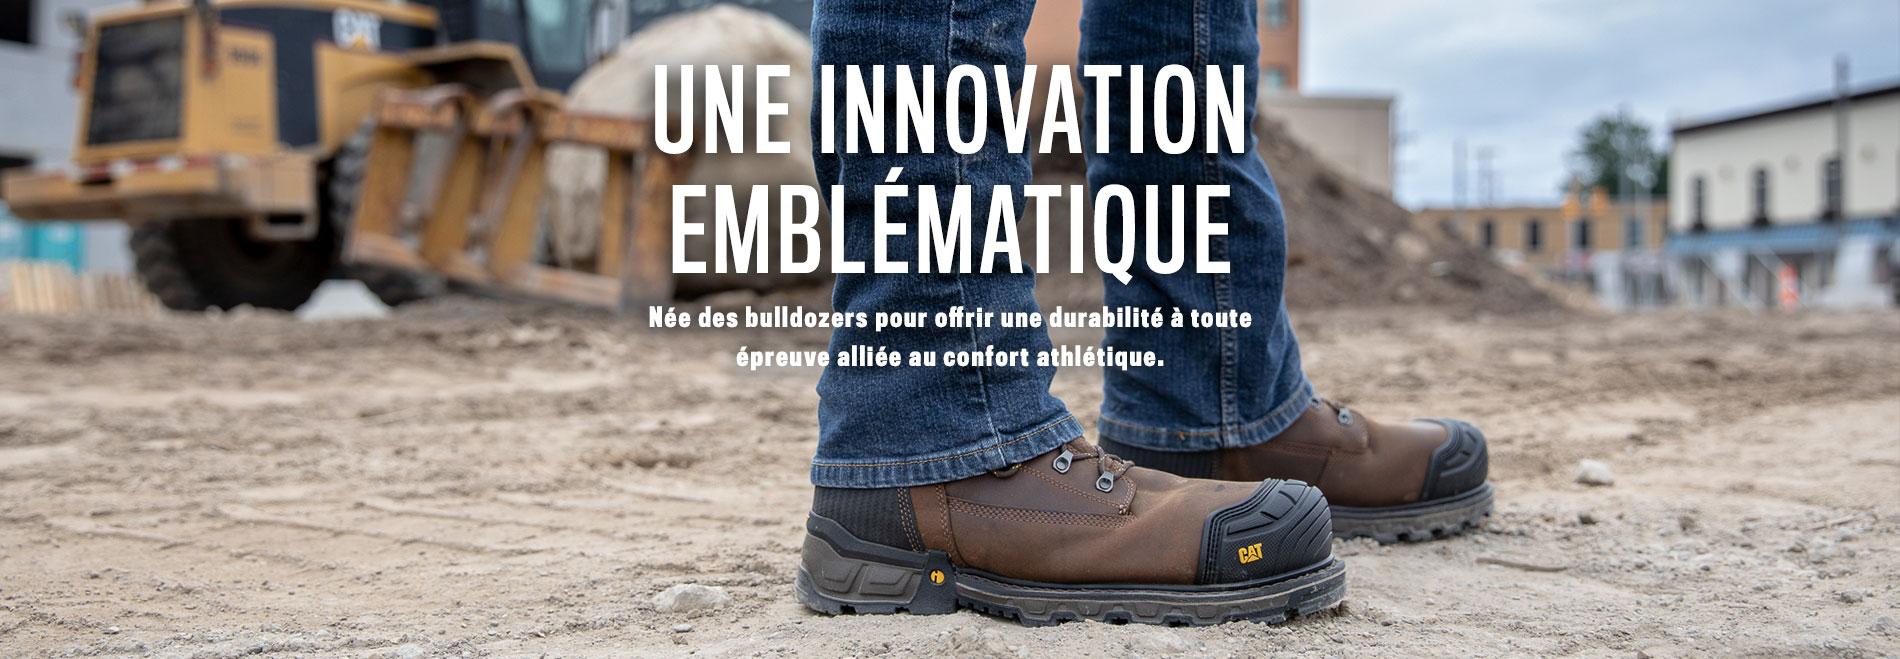 Une innovation emblématique | Née des bulldozers pour offrir une durabilité à toute épreuve alliée au confort athlétique.